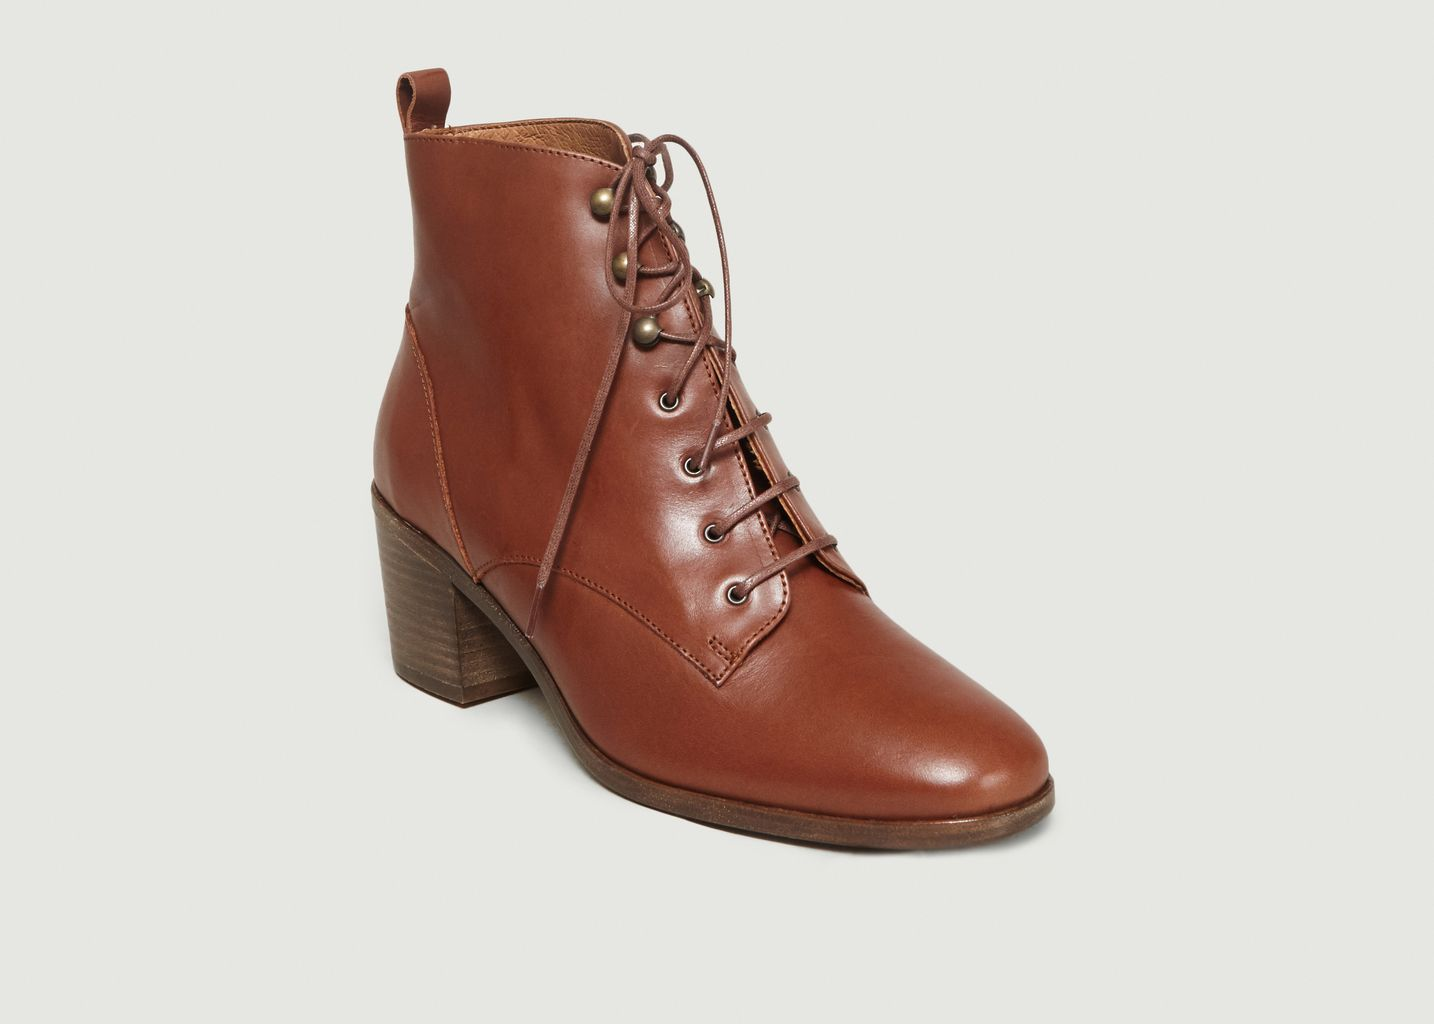 Redmond Boots - Sessun